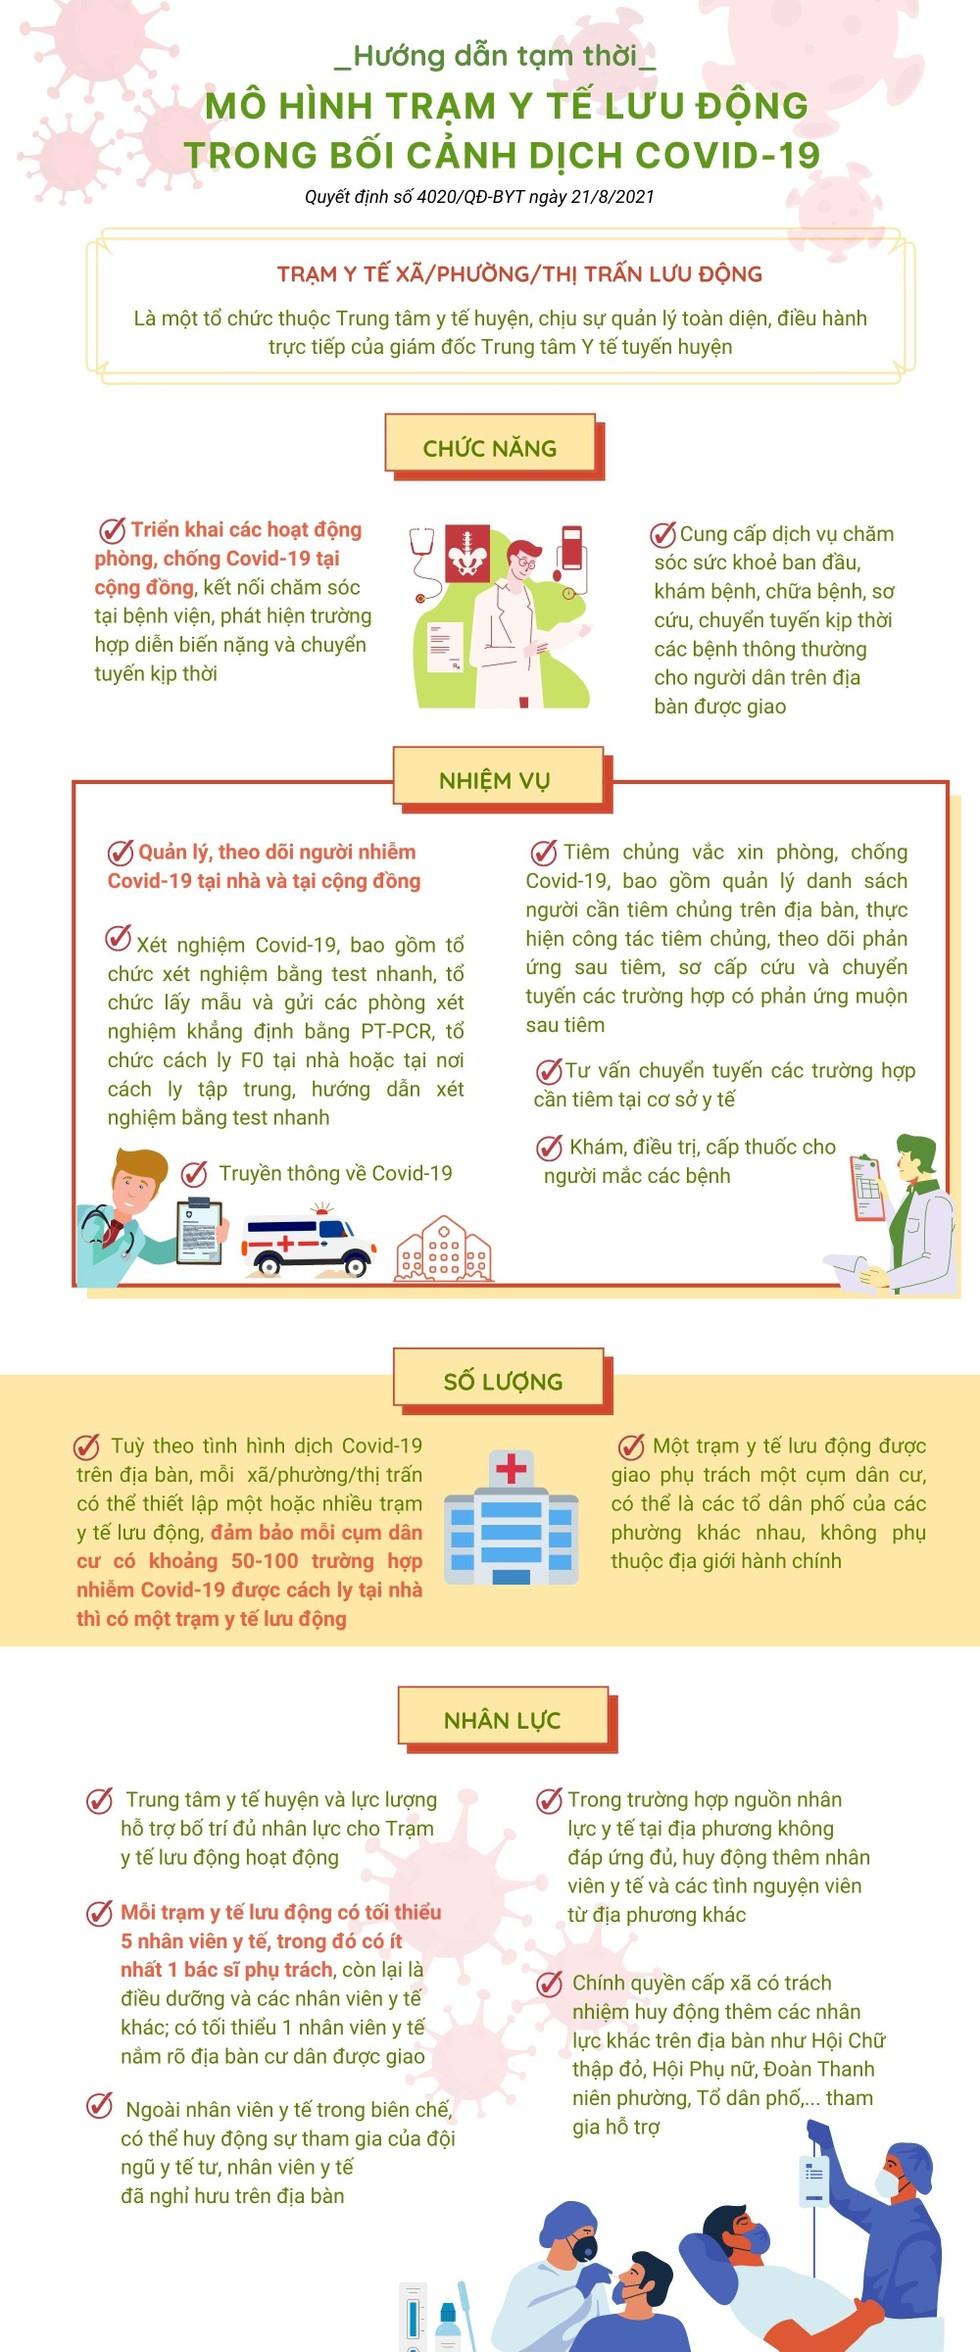 [Infographic] Hướng dẫn tạm thời mô hình trạm y tế lưu động trong bối cảnh dịch Covid-19 ảnh 1